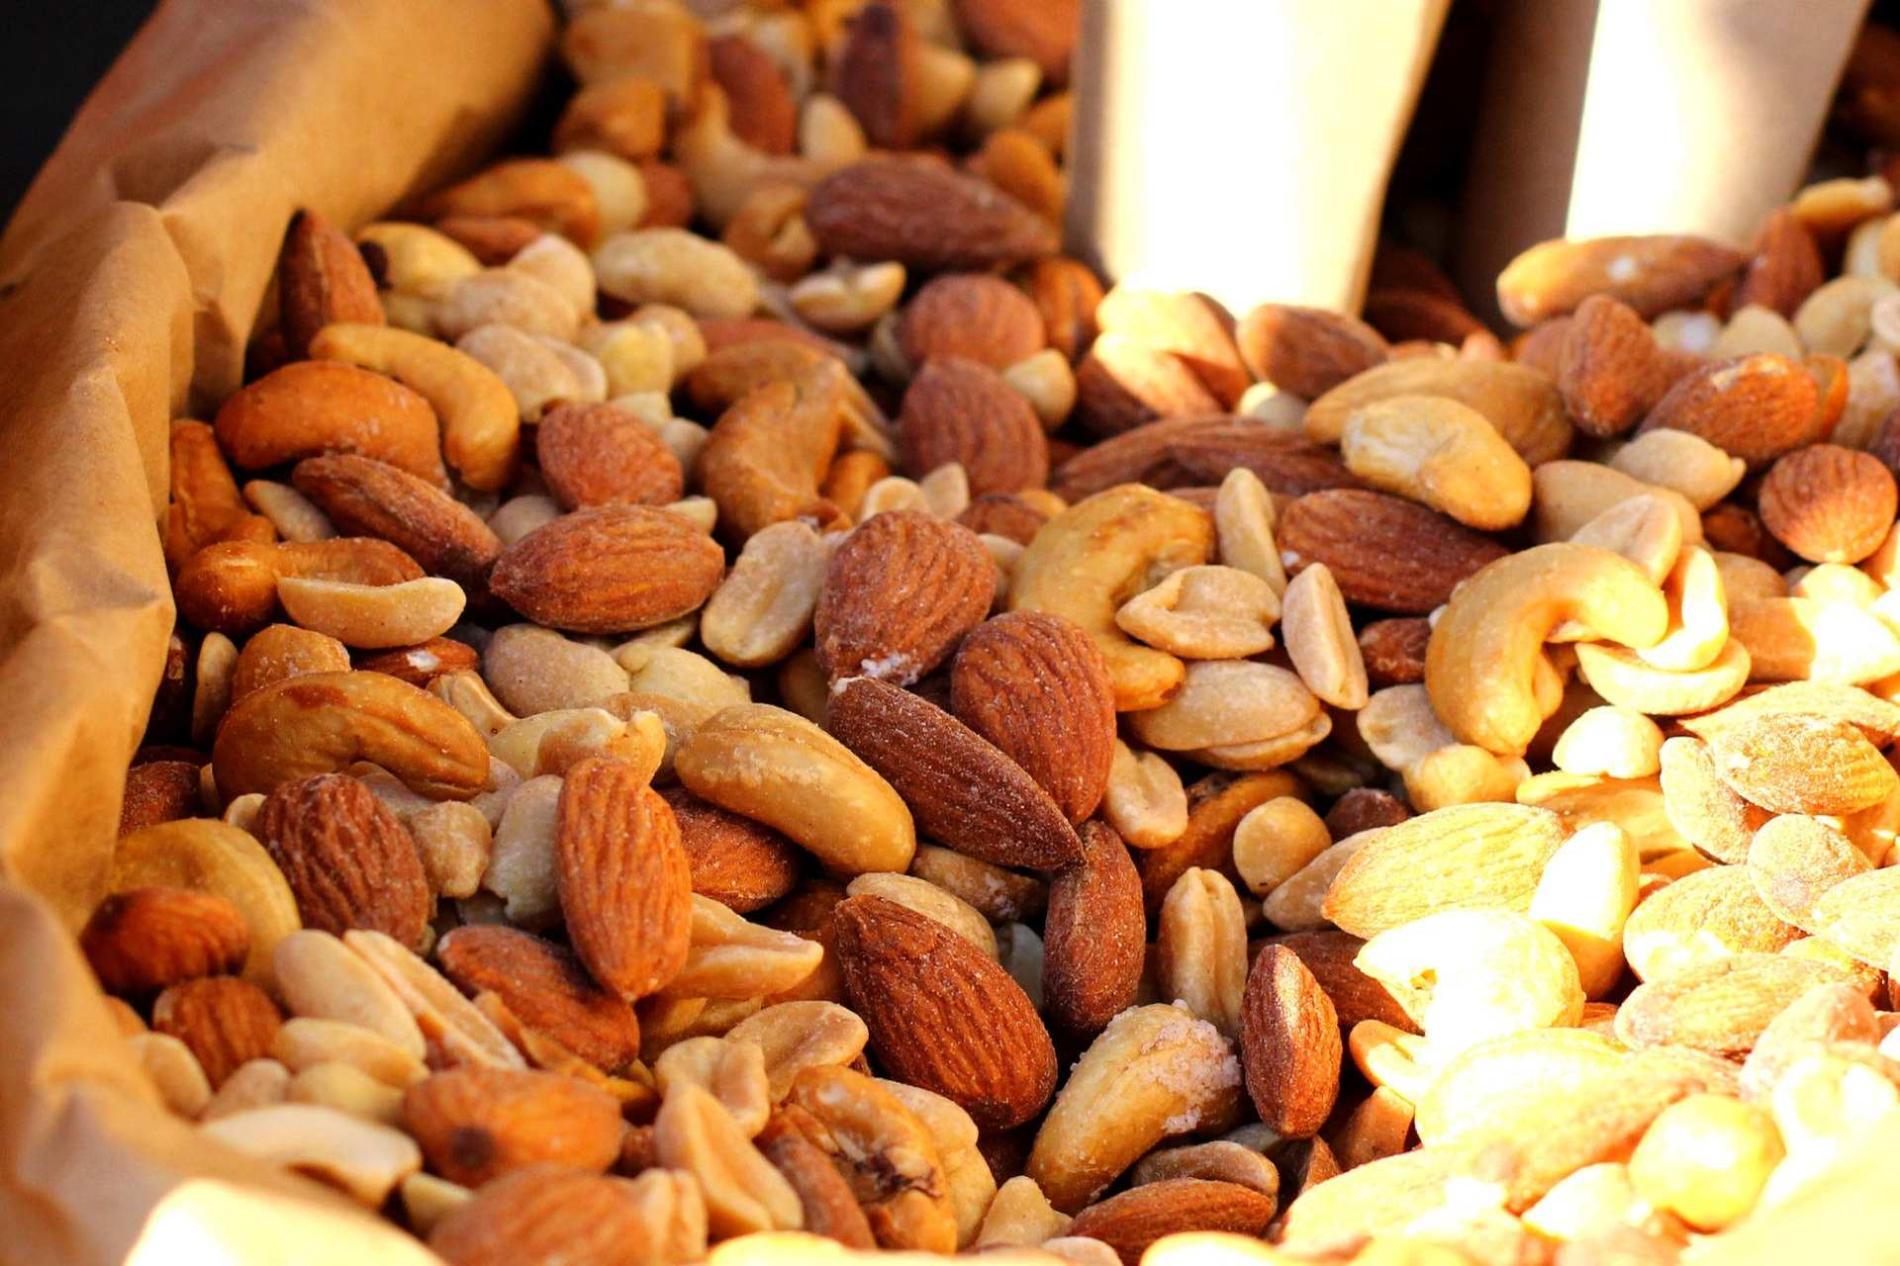 El mercado de los frutos secos en España